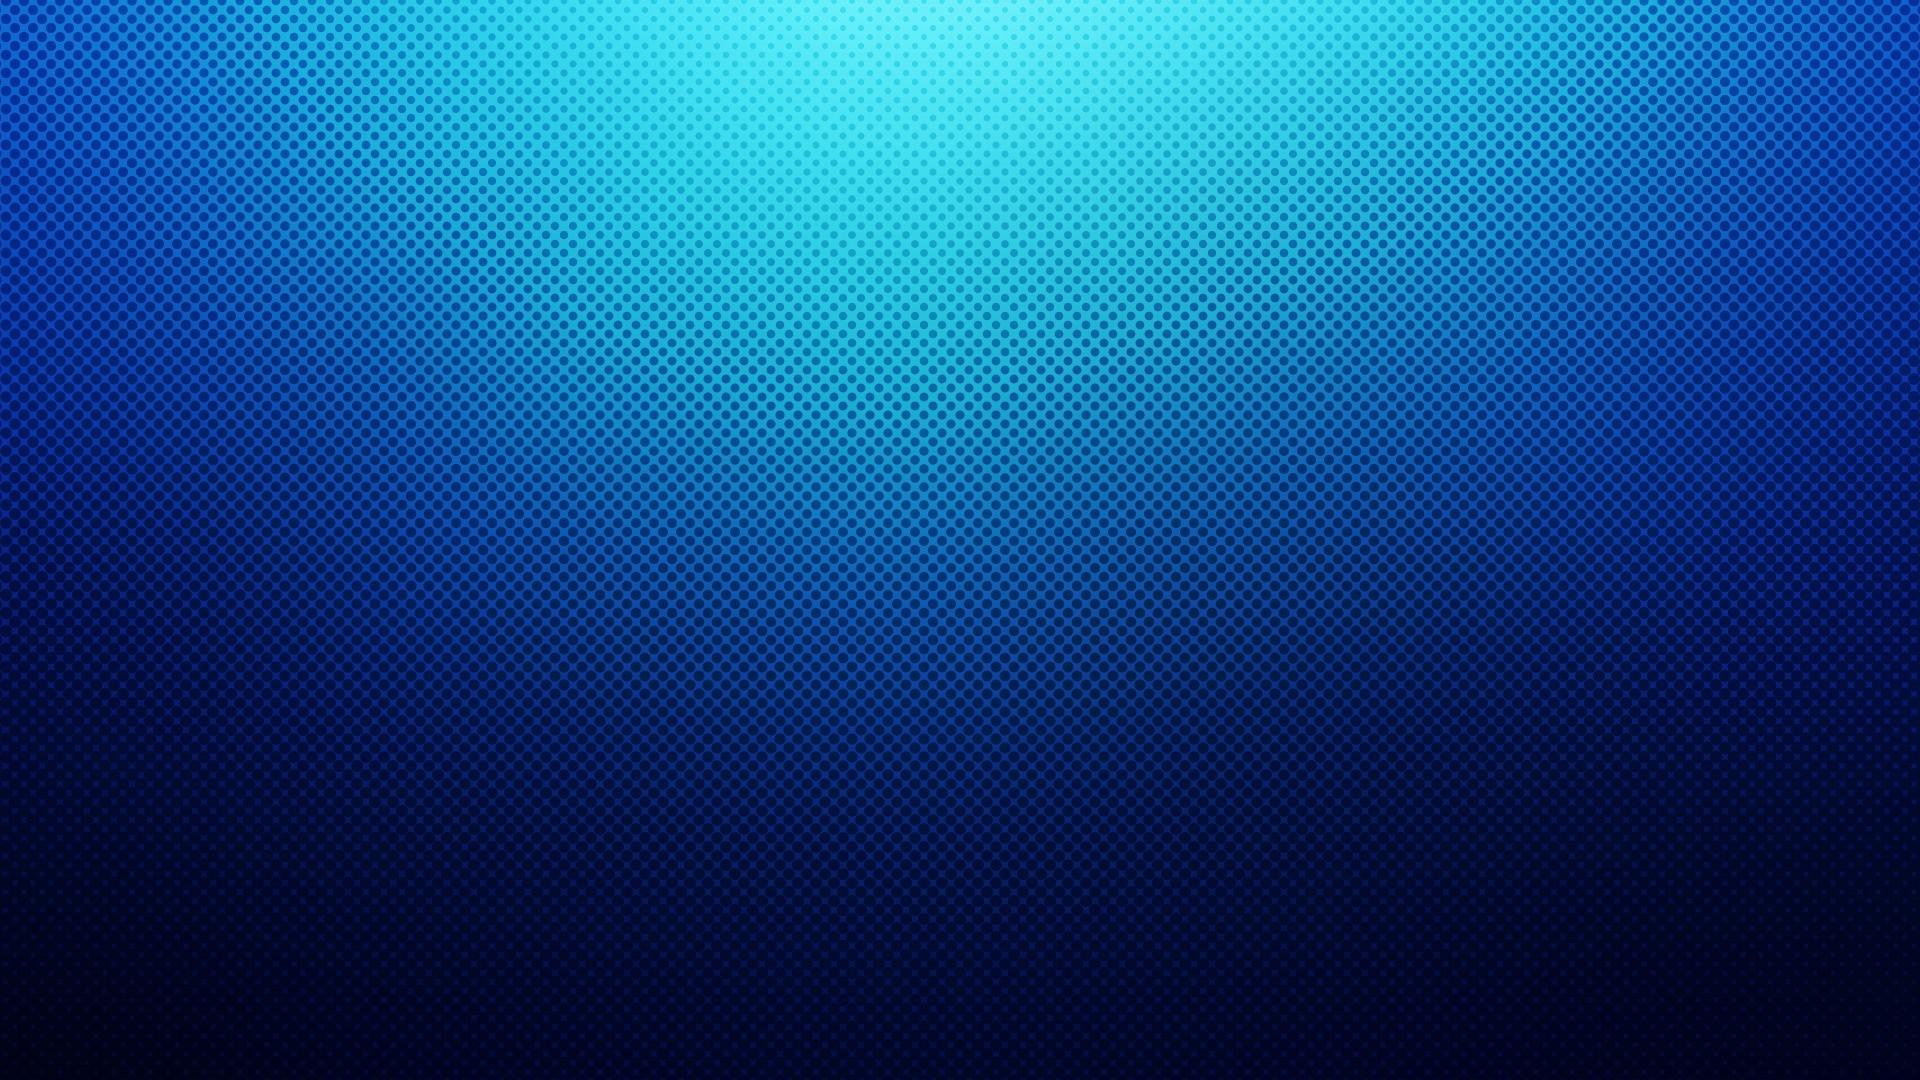 wp-content/uploads/2014/05/Blue-Gradient .